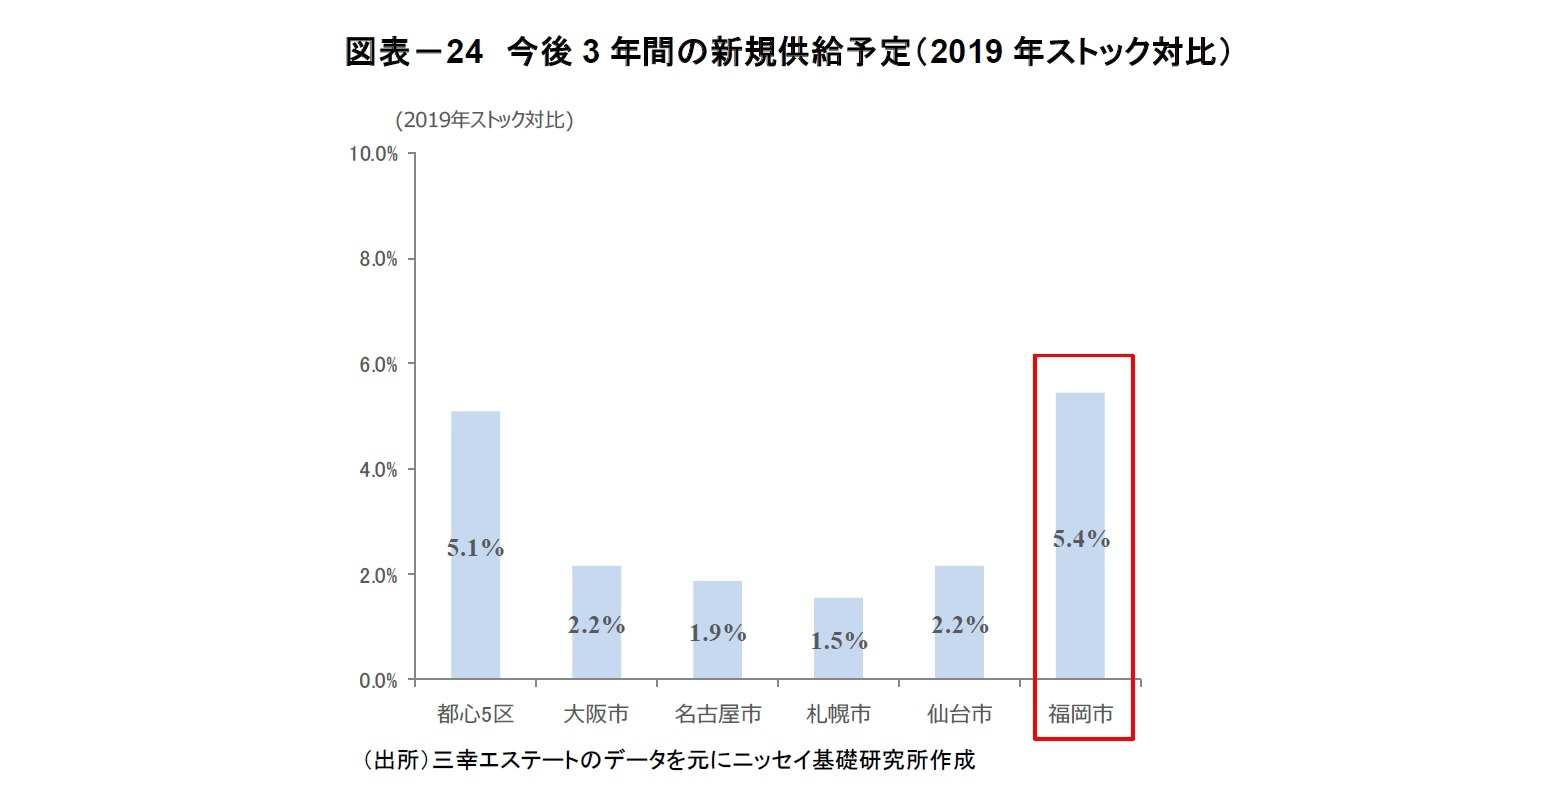 図表-24 今後3 年間の新規供給予定(2019 年ストック対比)